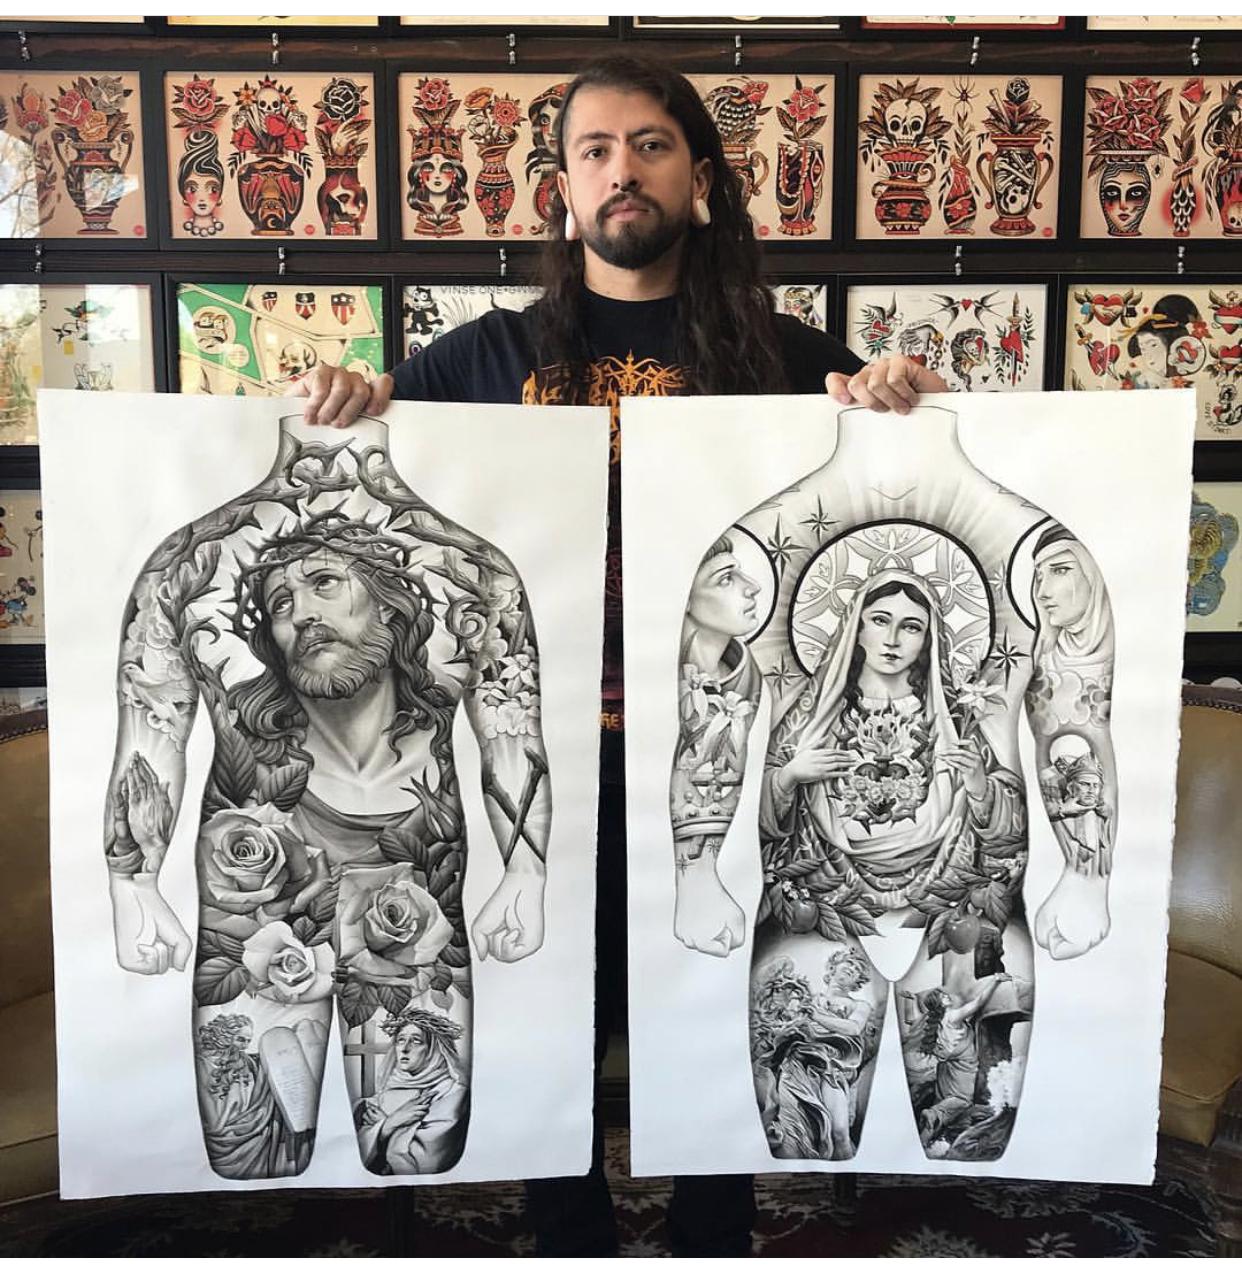 Prints for sale by Tony Cruz